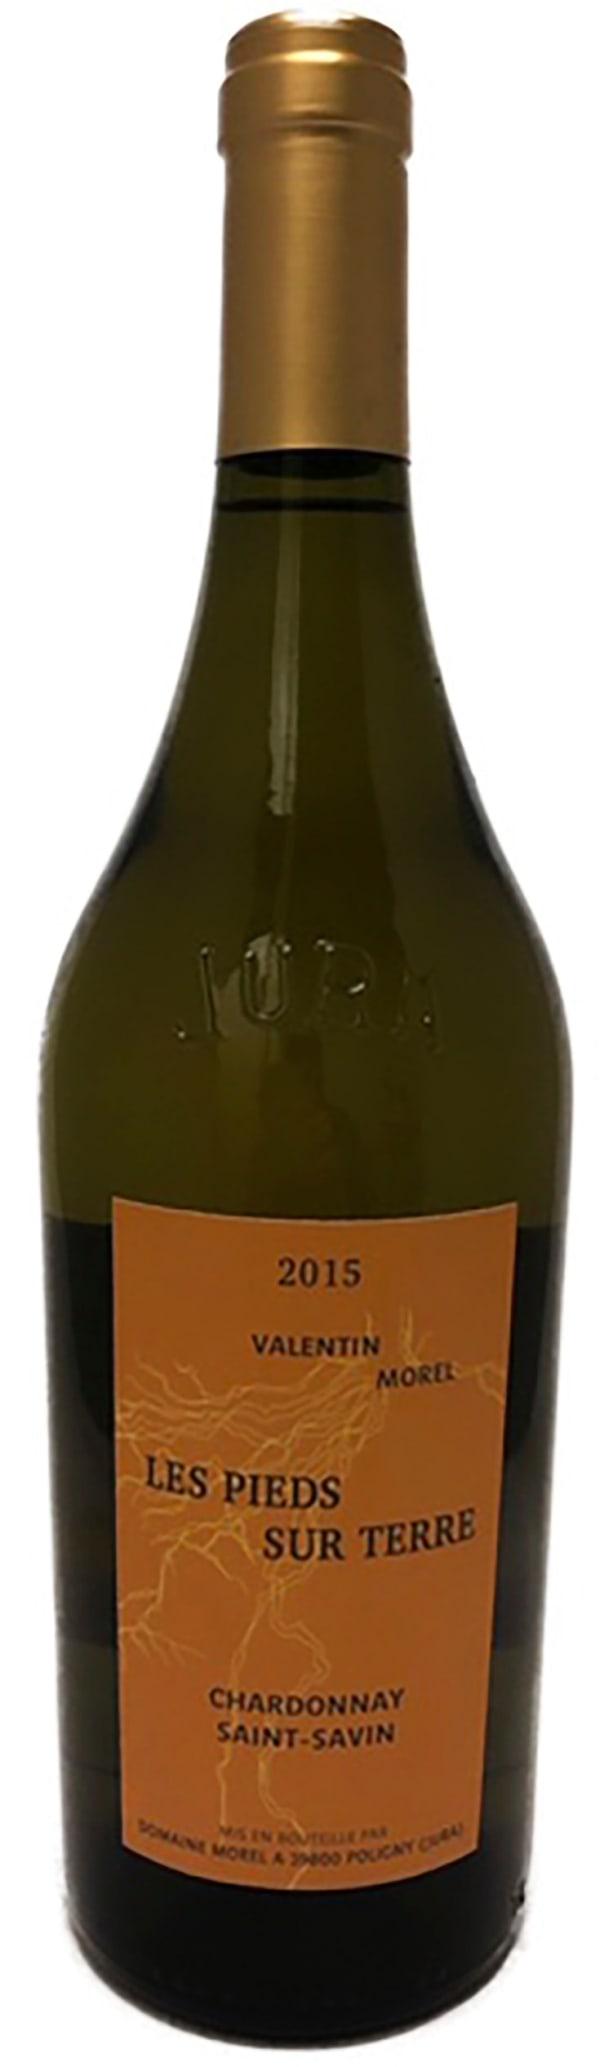 Valentin Morel Les Pieds sur Terre Chardonnay Saint Savin 2015